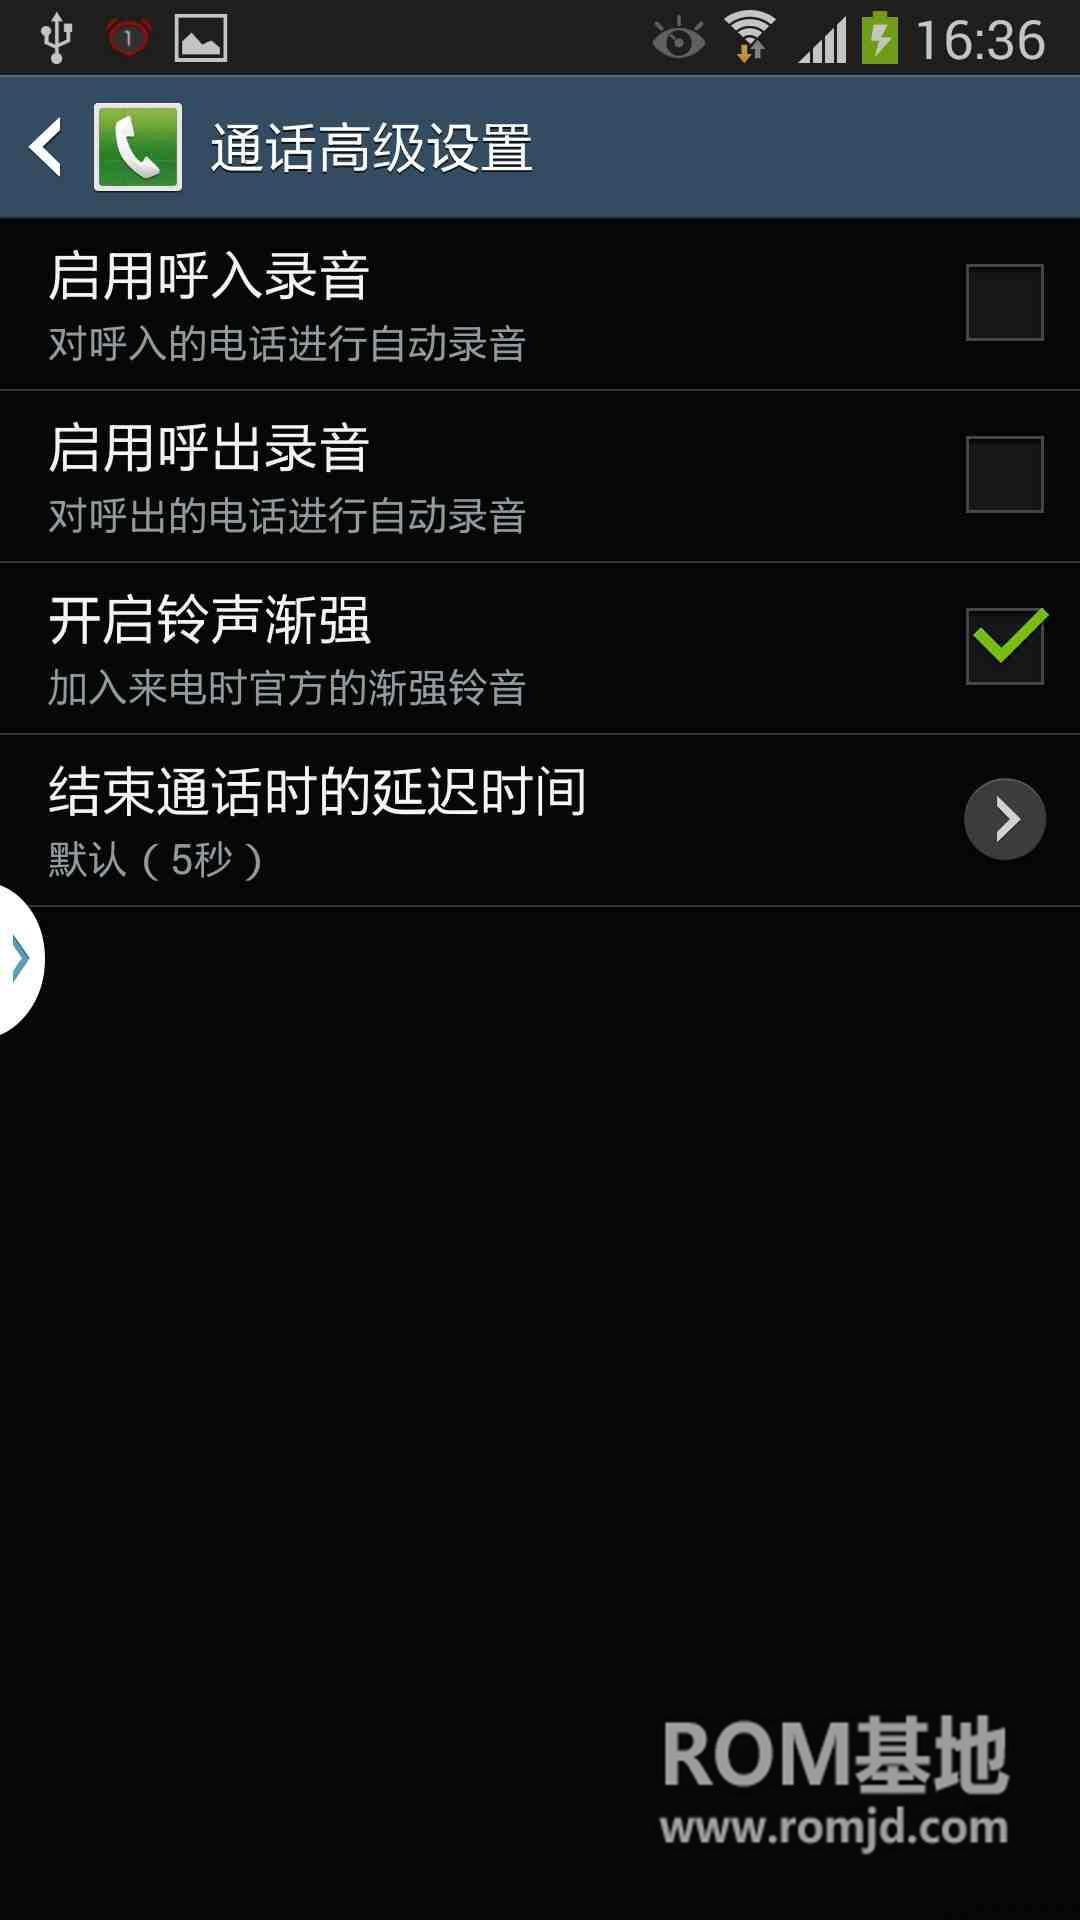 【绿化纯净】三星 Galaxy Note3 (N900) 基于亚太版N900XXUBMJ1精简 顺滑ROM刷机包截图